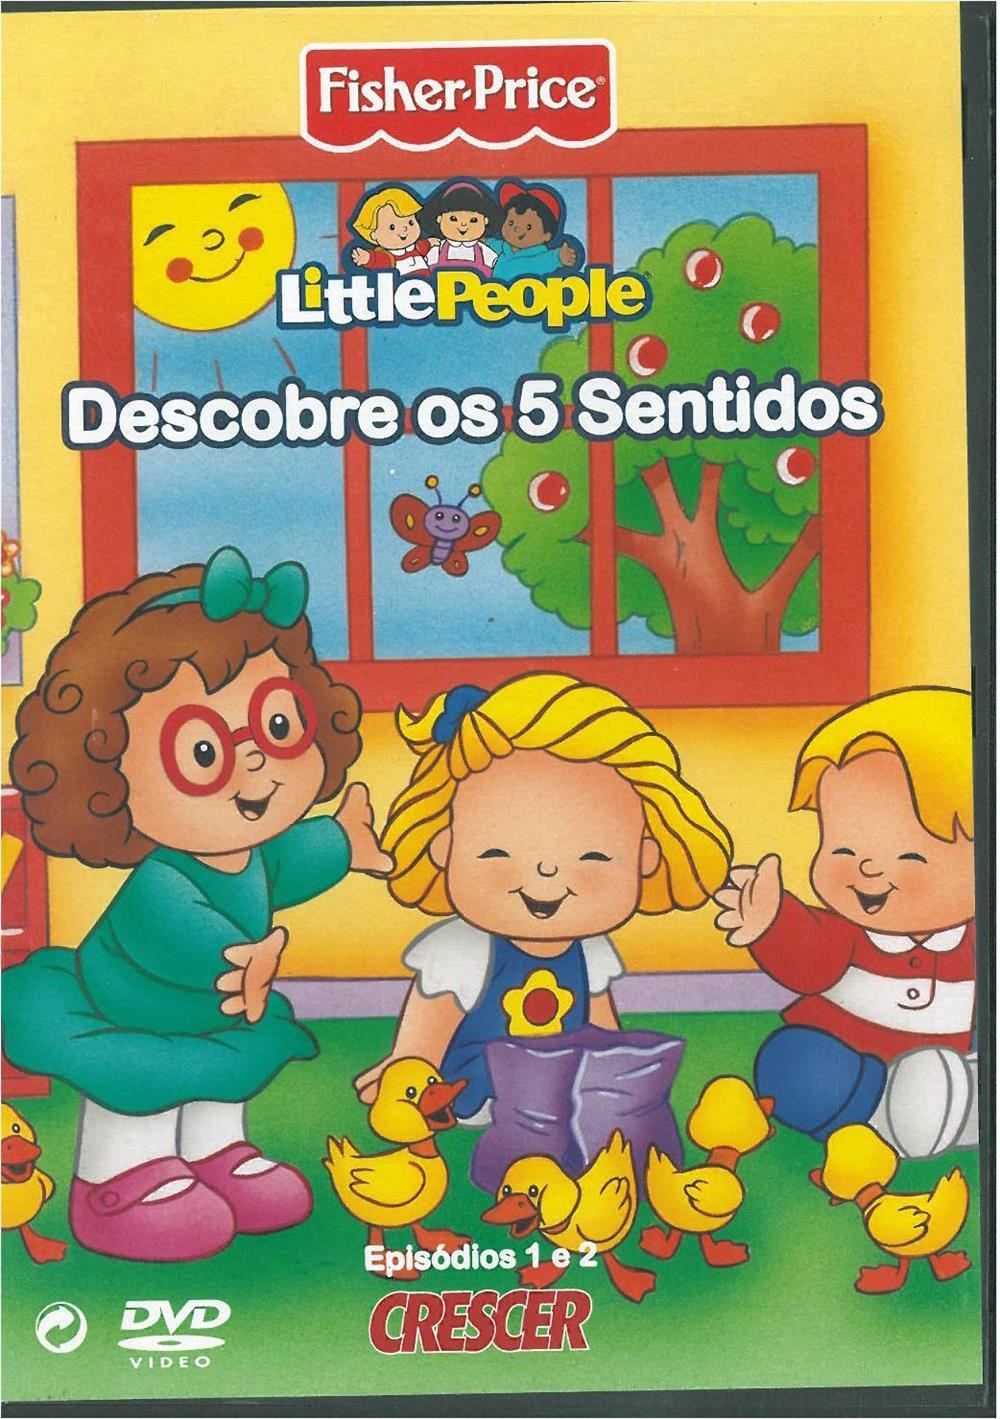 Little People descobre os 5 sentidos_episódios 1 e 2_DVD.jpg